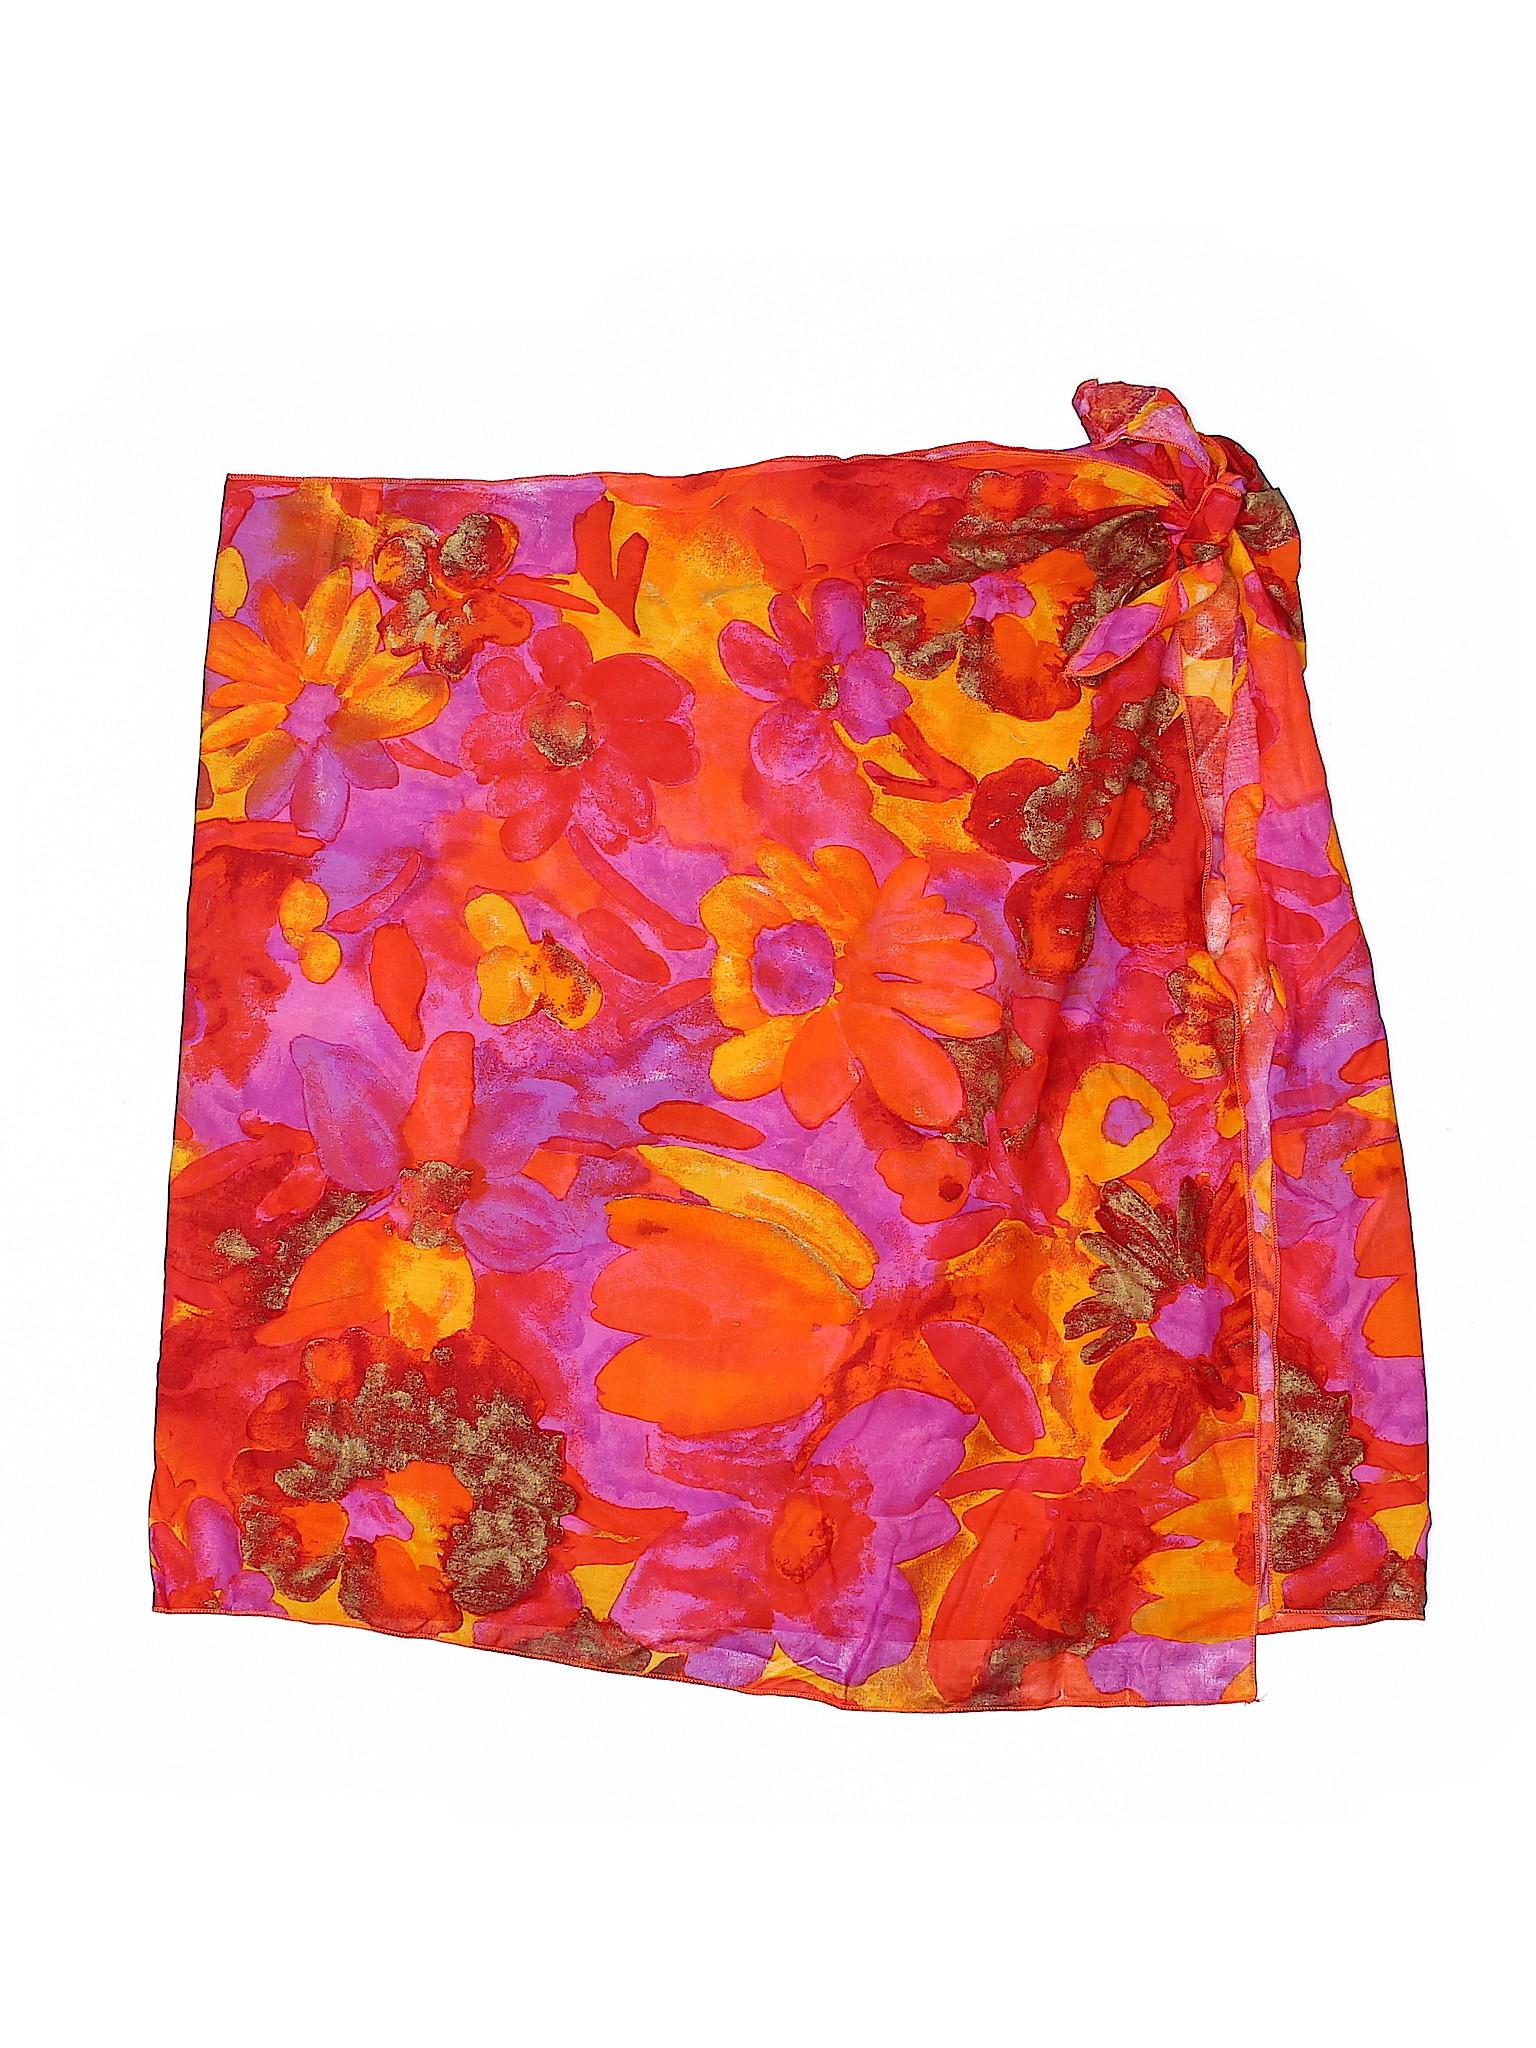 St Swimsuit Up Cover John Boutique 7FwSxd7qH